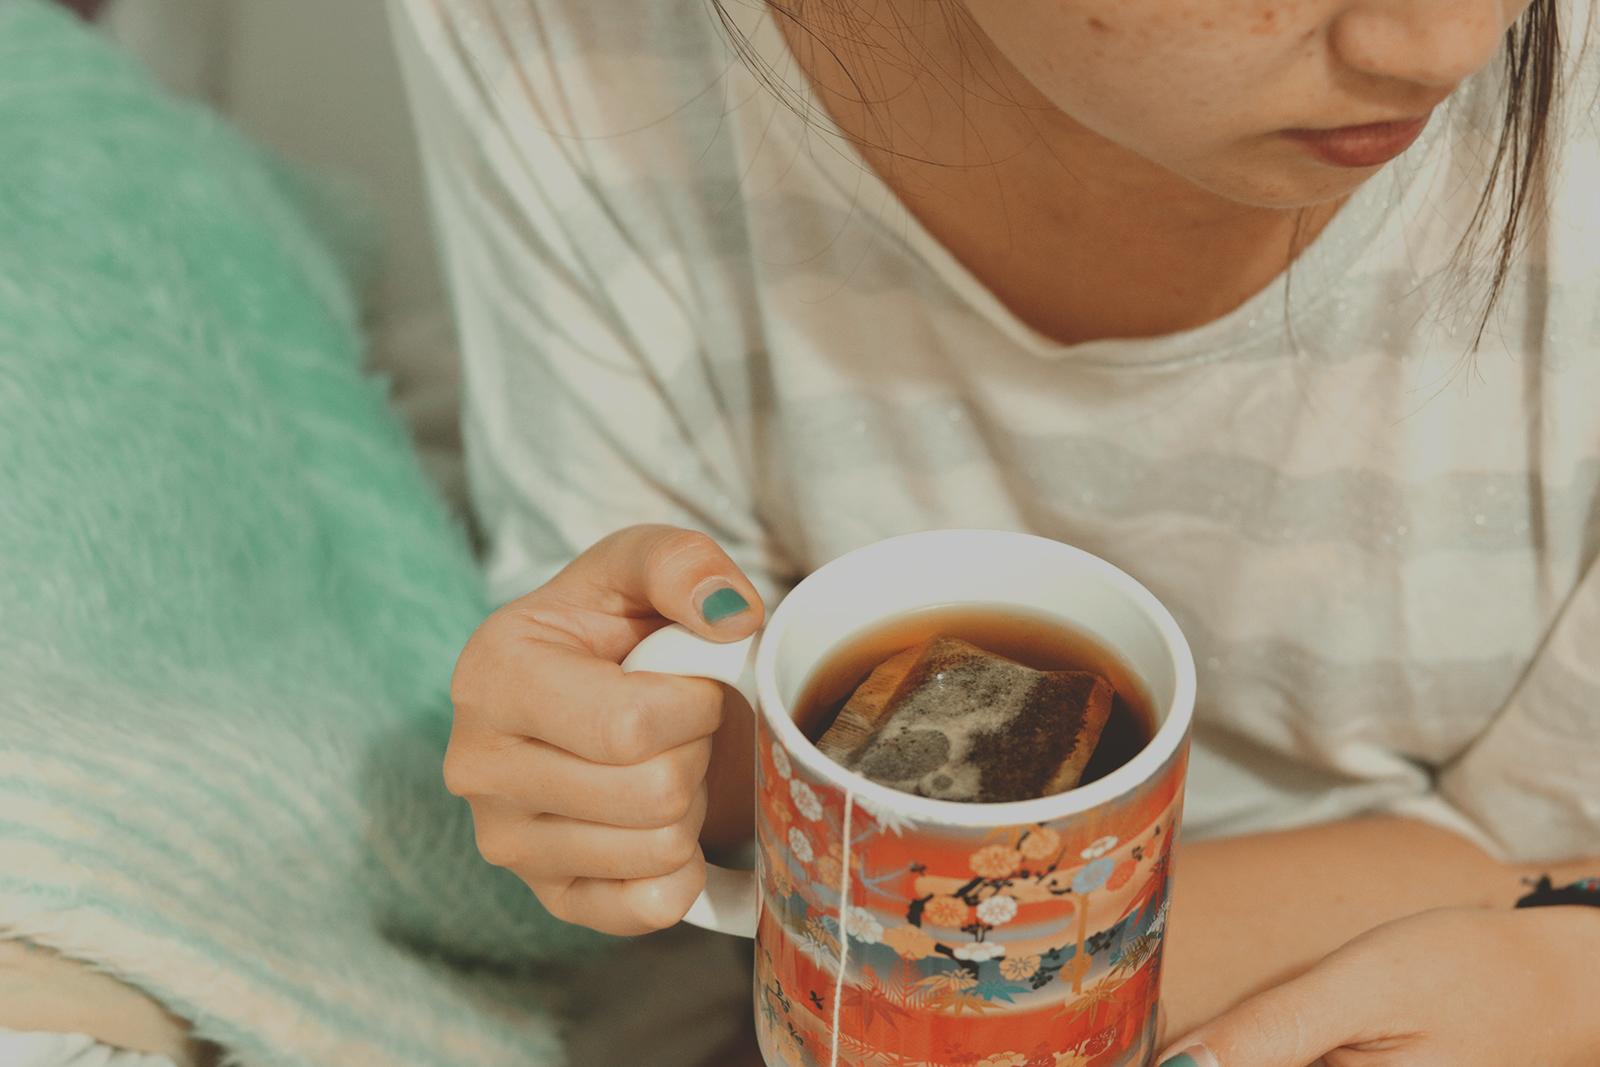 tomando chá na cama